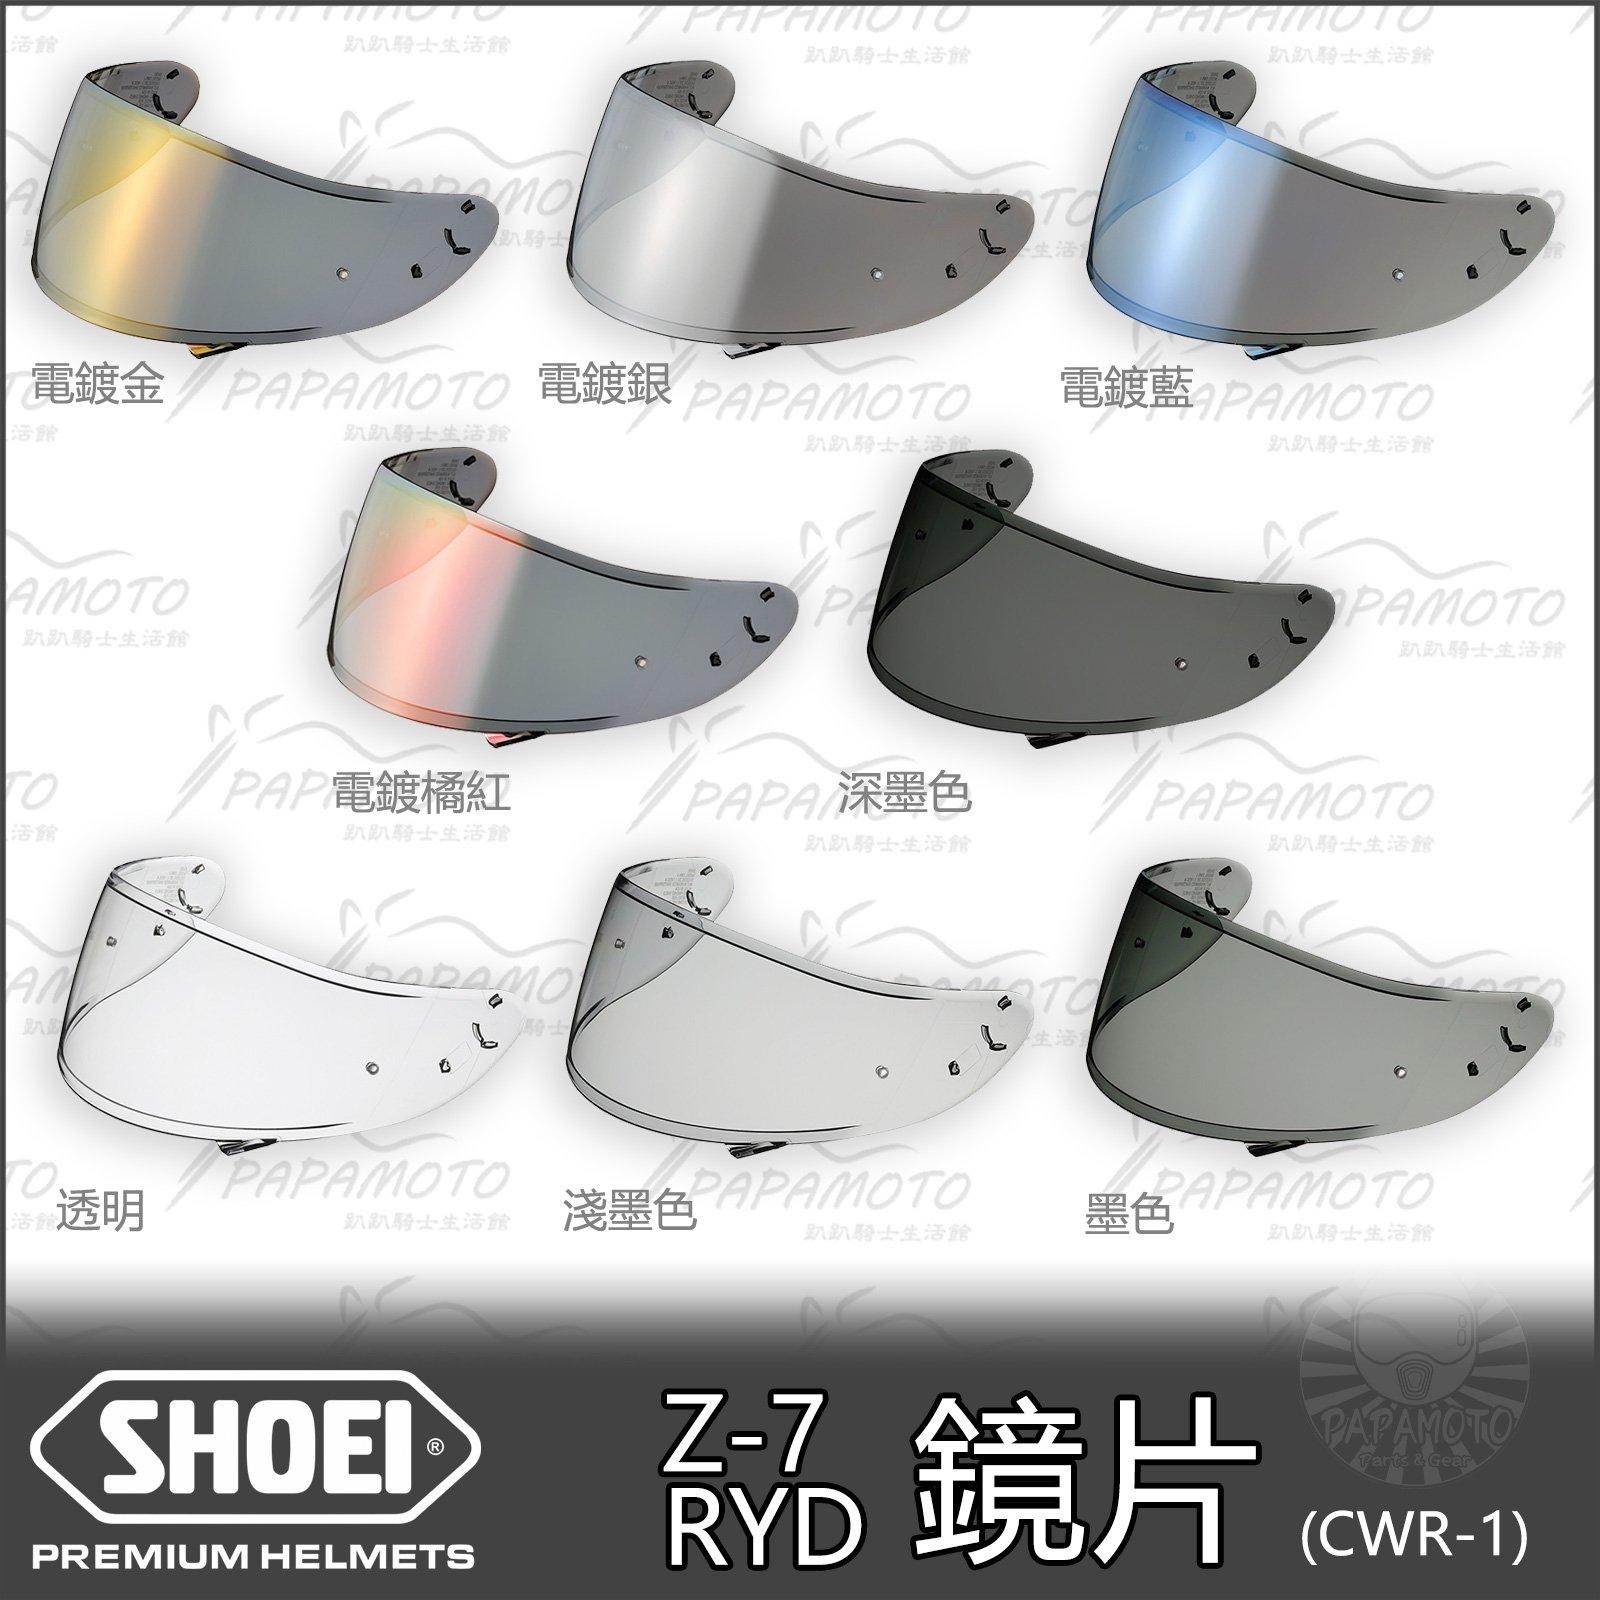 【趴趴騎士】SHOEI Z-7 RYD X-14 鏡片 CWR-1 ( 淺墨 深墨 電鍍銀 電鍍藍 電鍍金 墨片